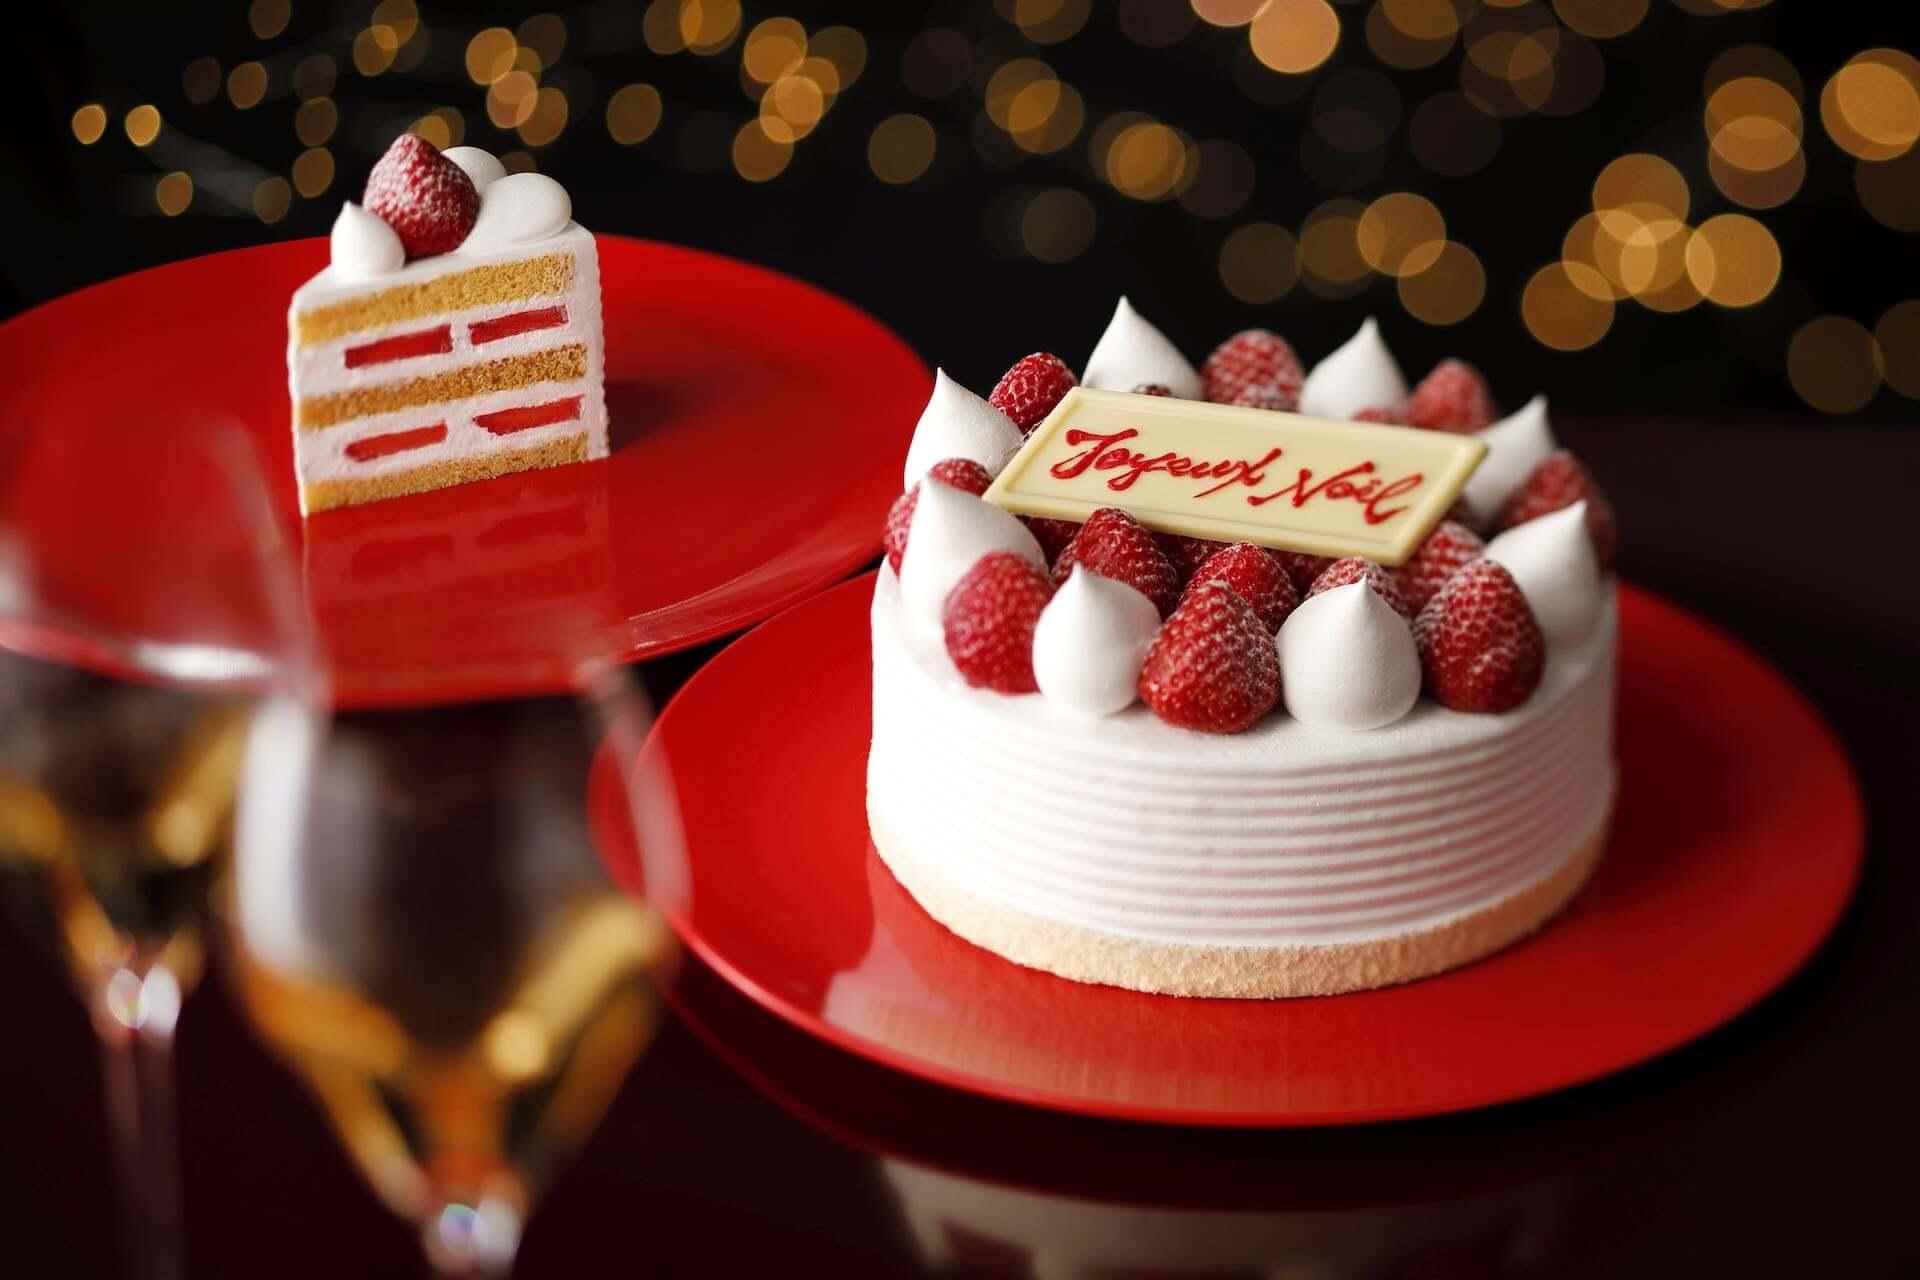 ホテルニューオータニ「パティスリーSATSUKI」にてクリスマスケーキの予約販売がスタート!『スーパーオペラ』『クリスマスタワー』など続々登場 gourmet201005_newotani_10-1920x1280